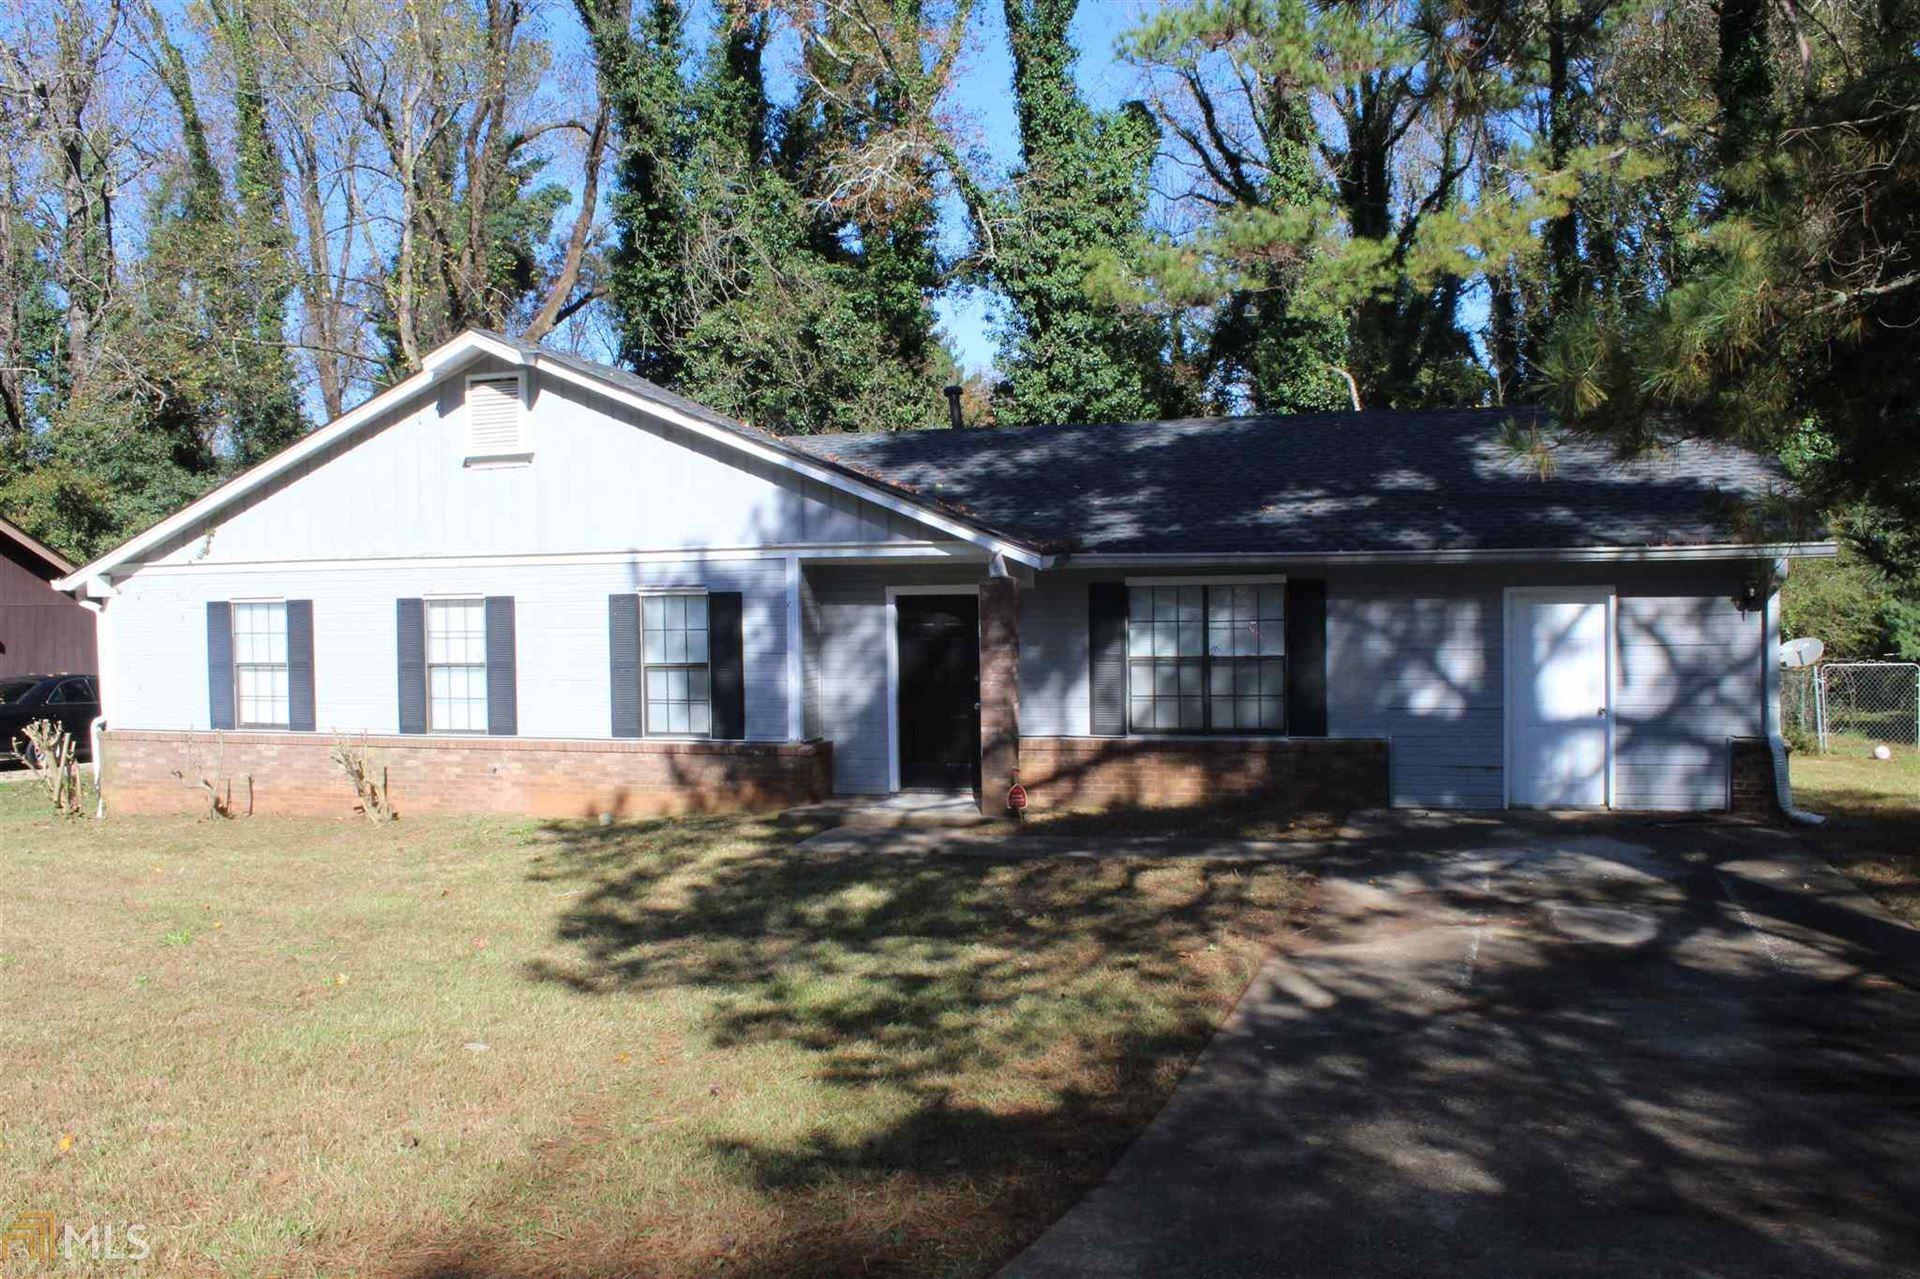 3530 Homeward Trl, Ellenwood, GA 30294 - MLS#: 8889224